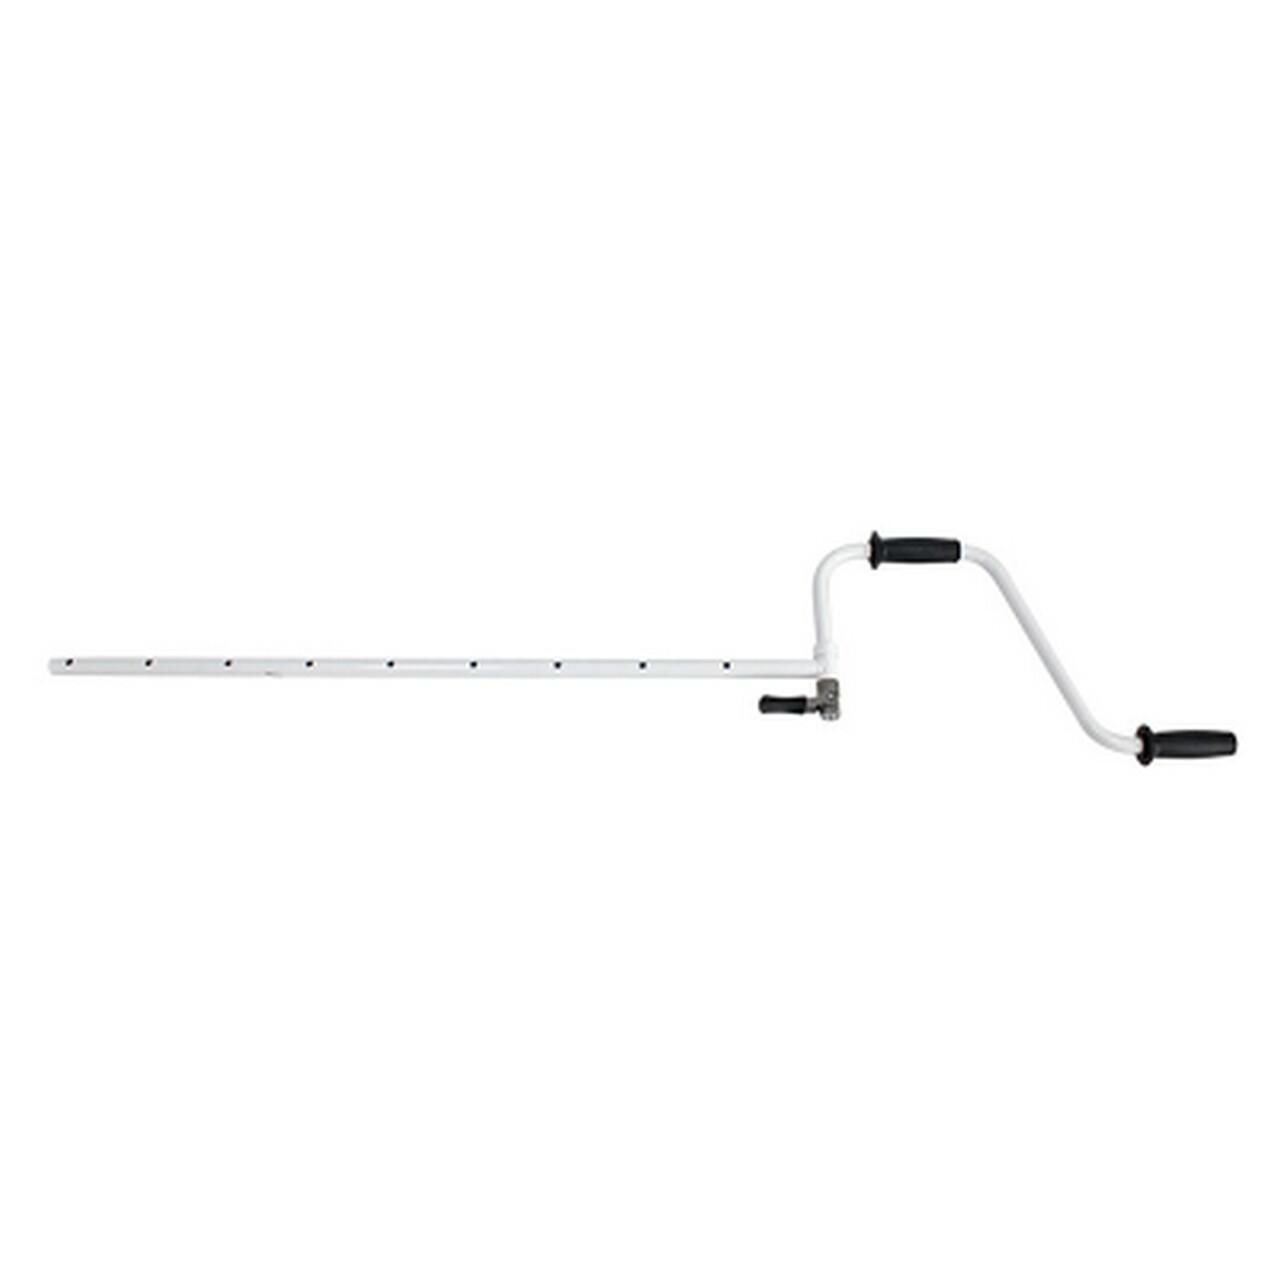 Ручка для ледобура ICEBERG-ARCTIC v2.0 в сборе (ТОНАР)